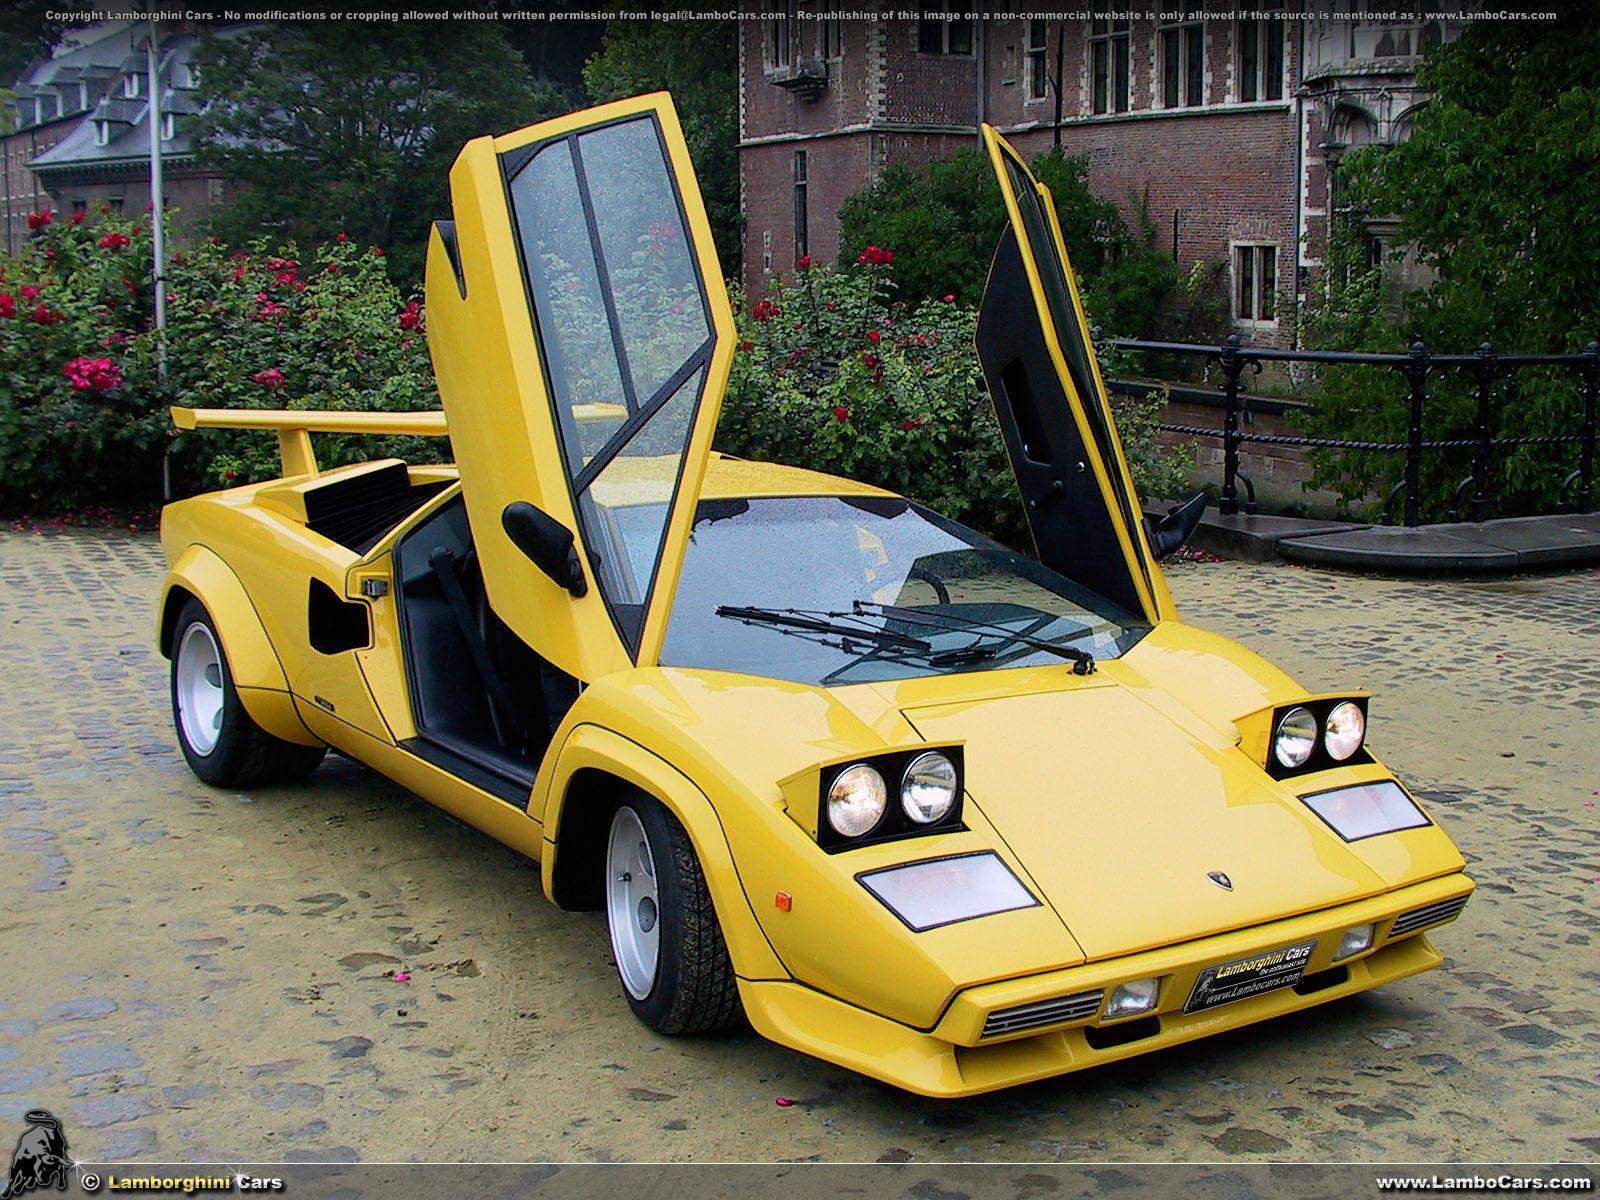 Lamborghini Countach S Quattrovalvole 426 Hp